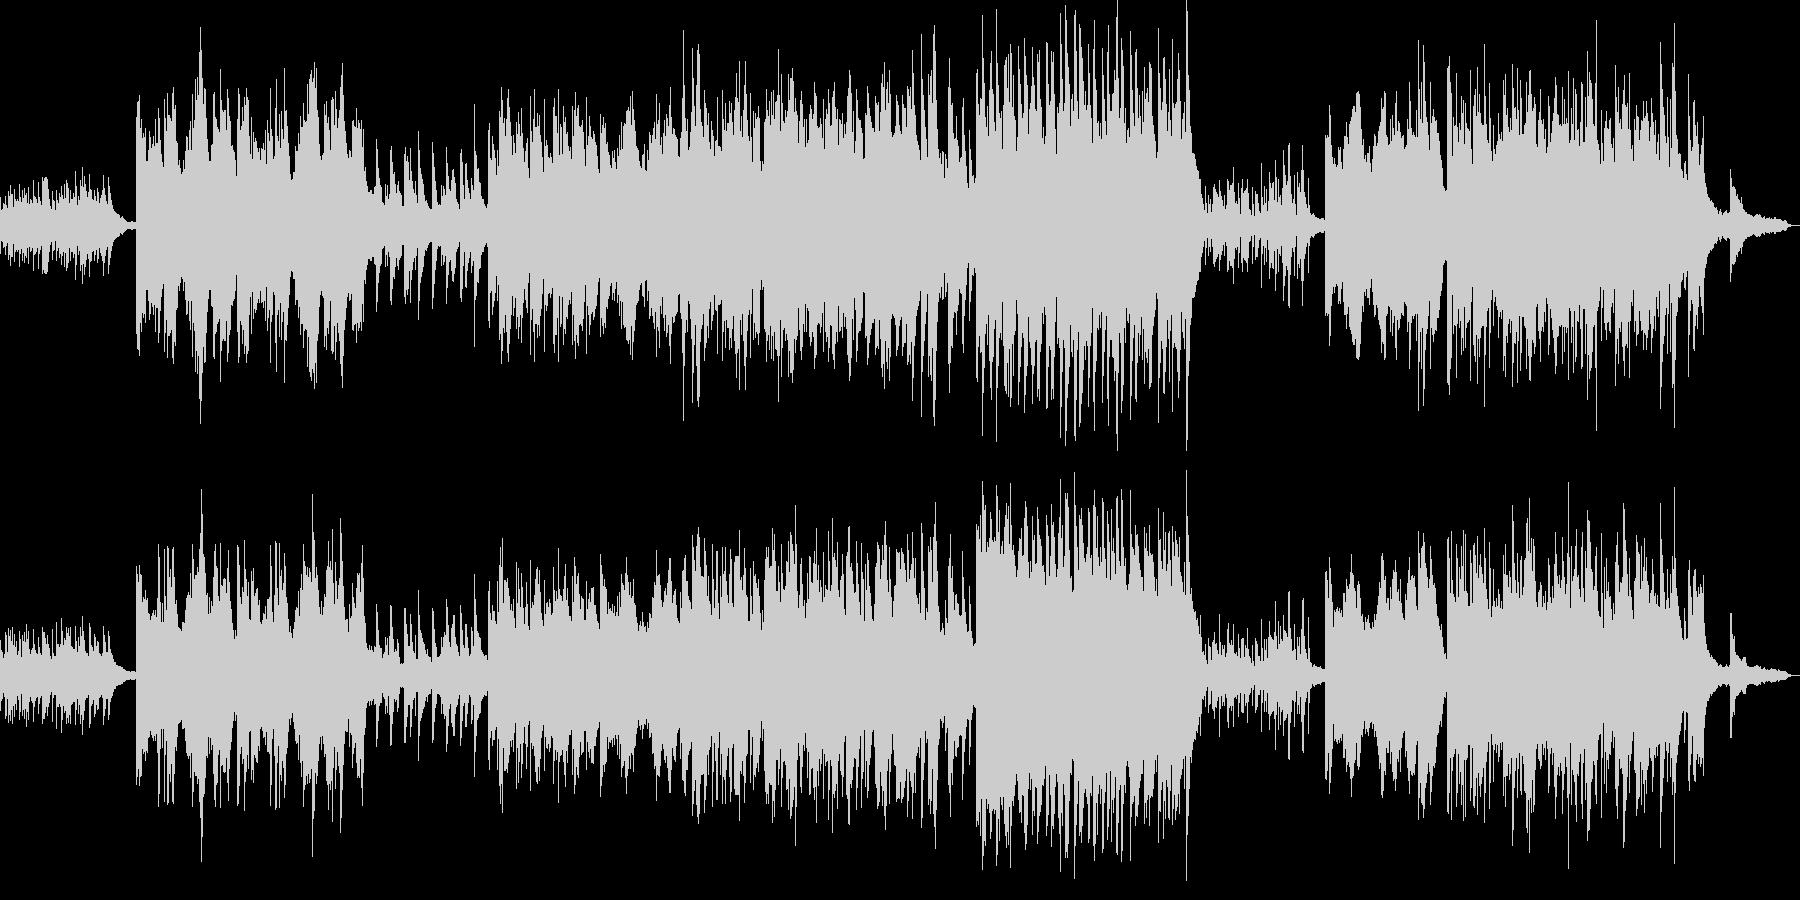 感傷的なピアノソロの未再生の波形